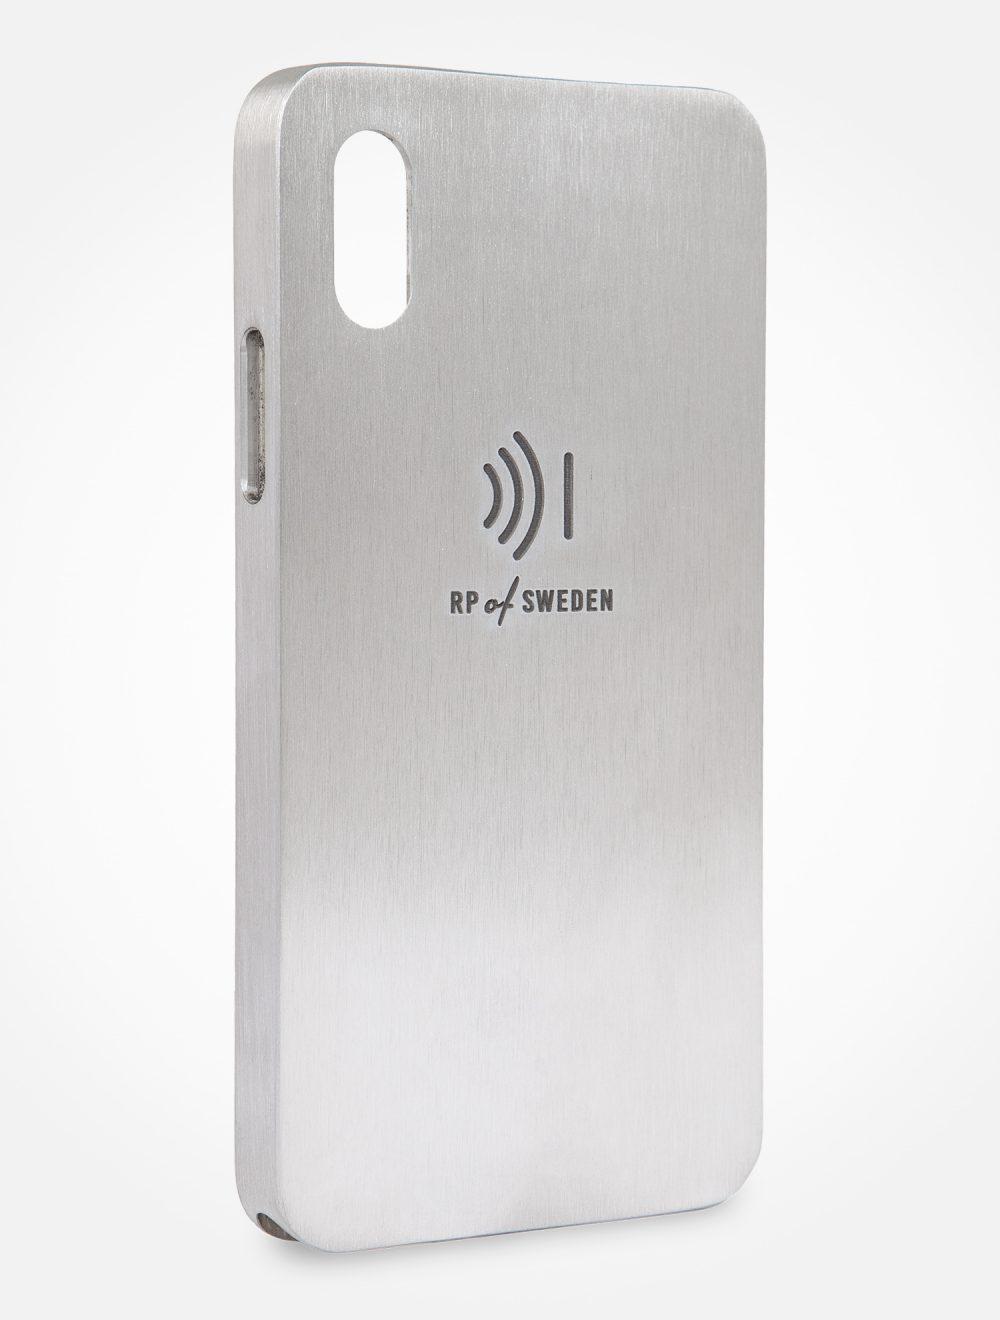 Strålningsskyddande mobilskal, pure aluminium, från RP of Sweden